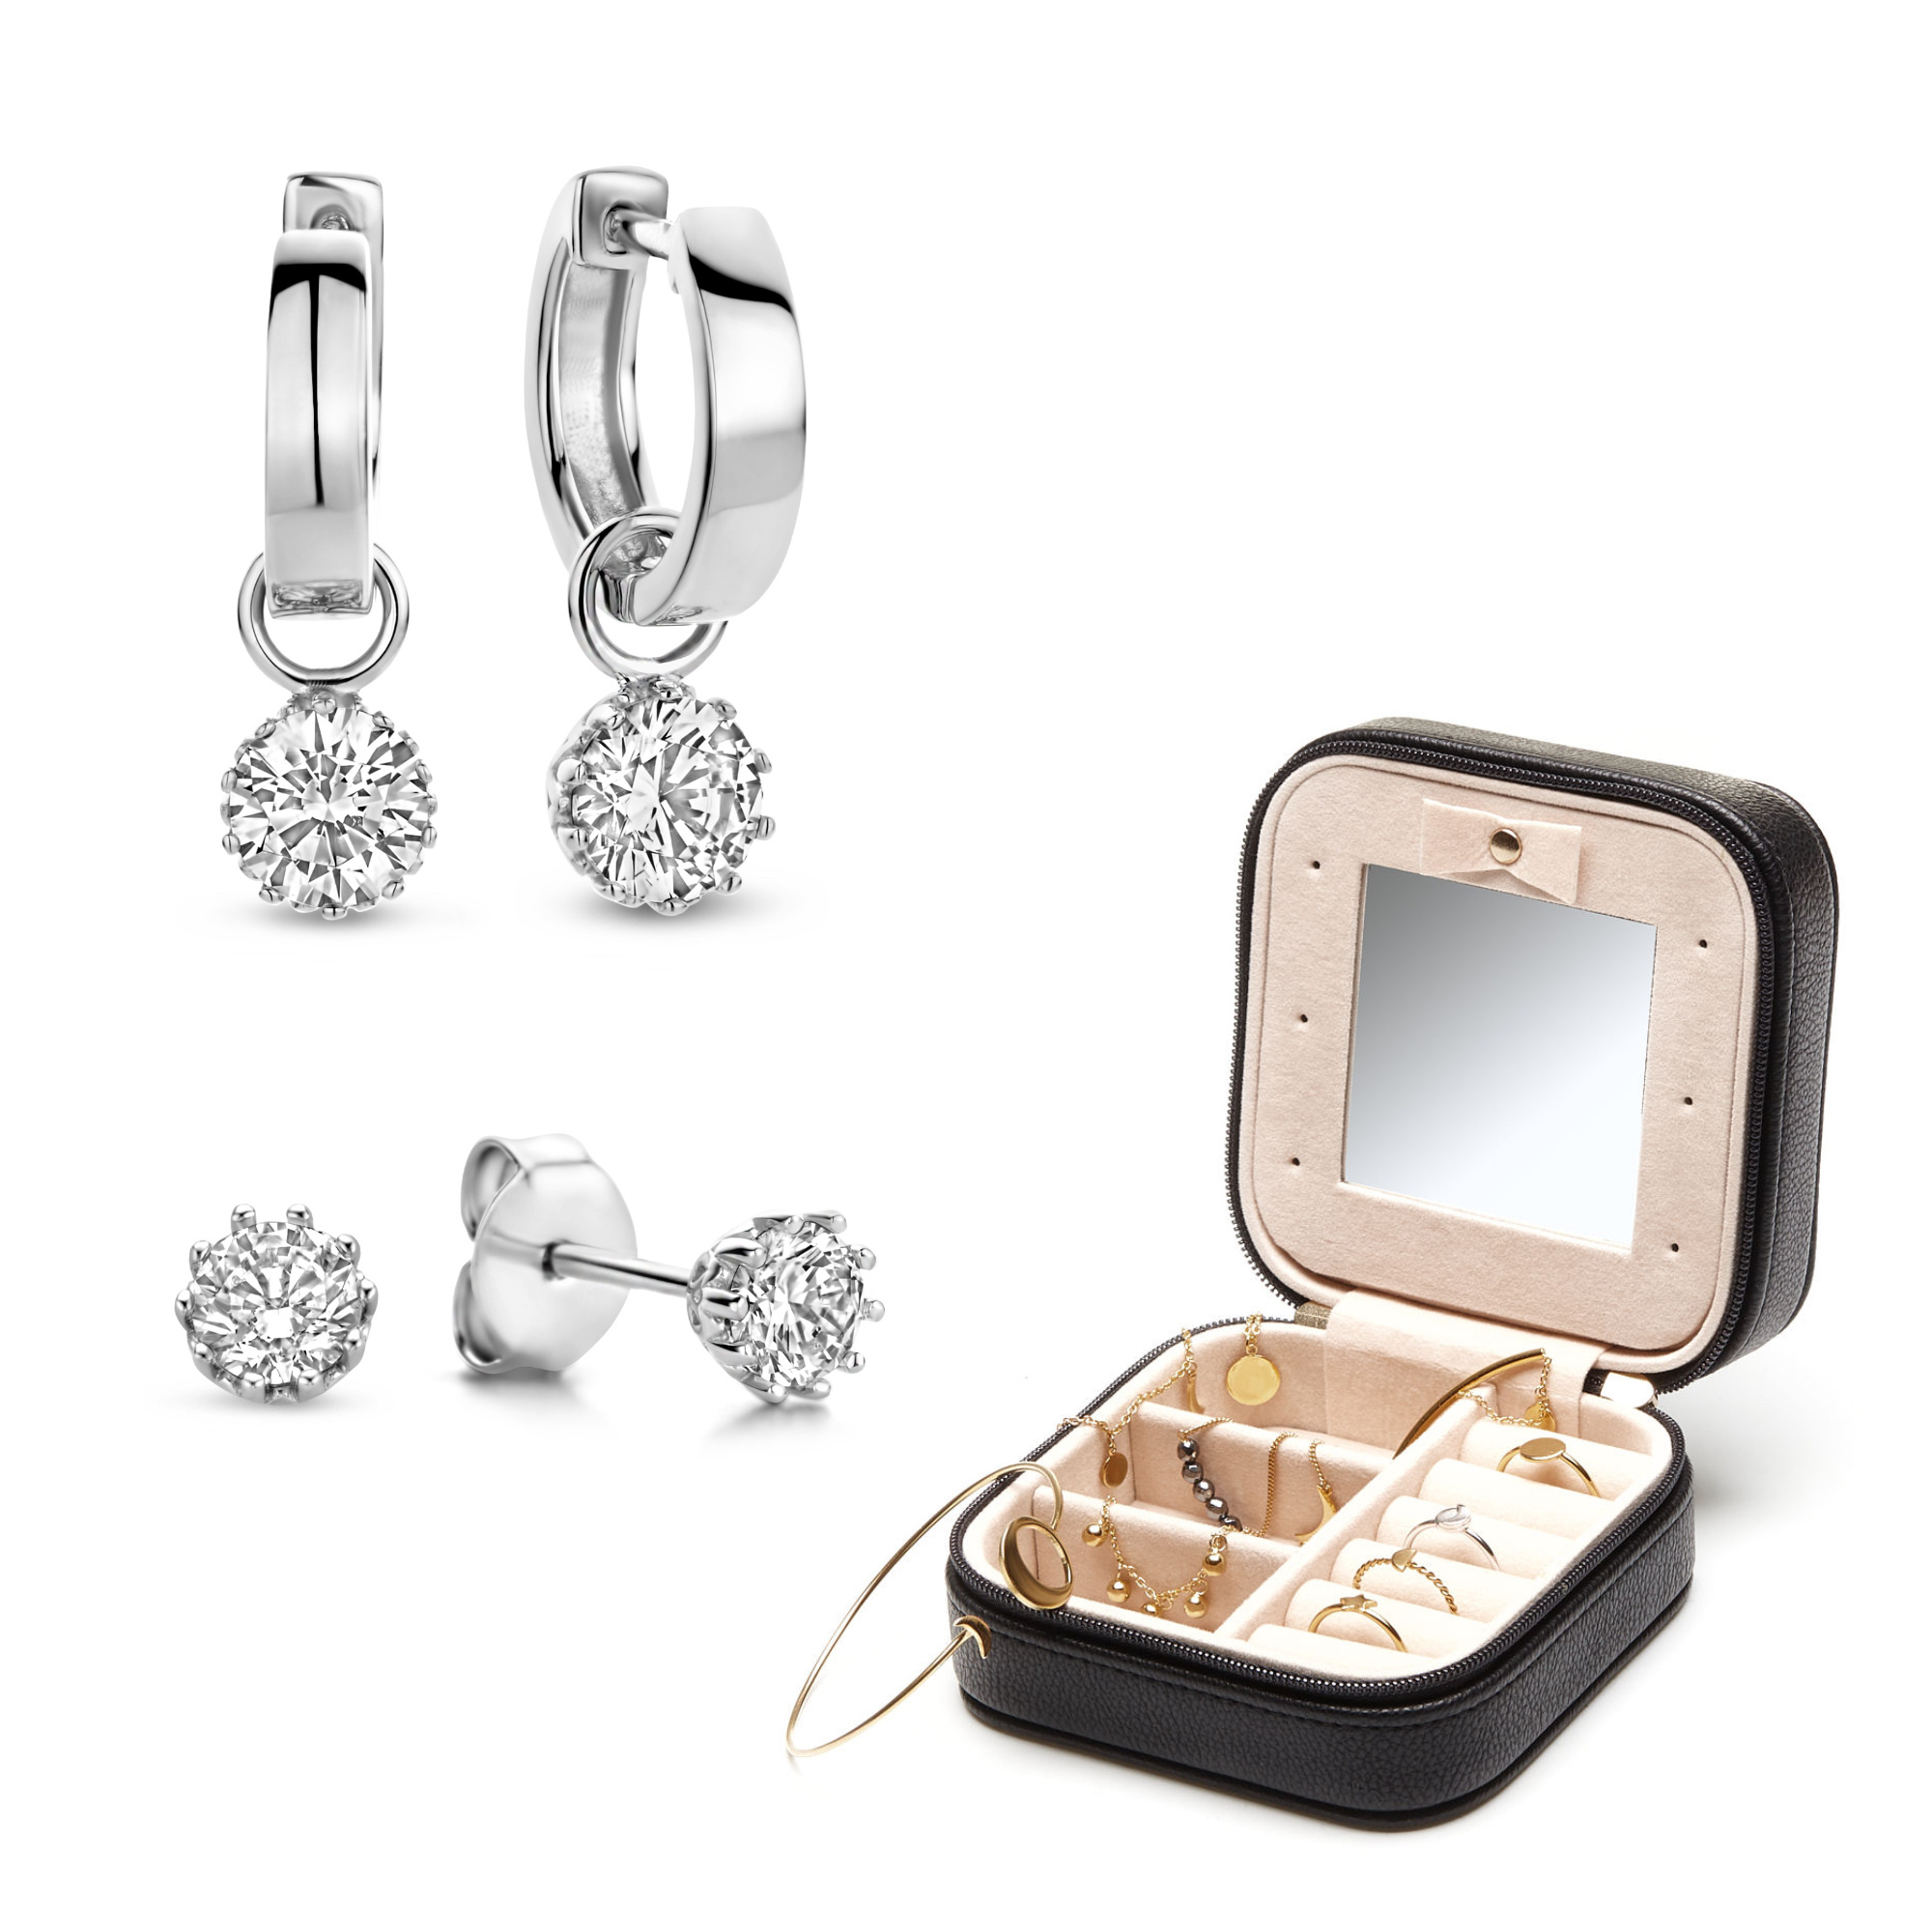 Parte di Me Sorprendimi set di orecchini in argento sterling 925 e portagioie